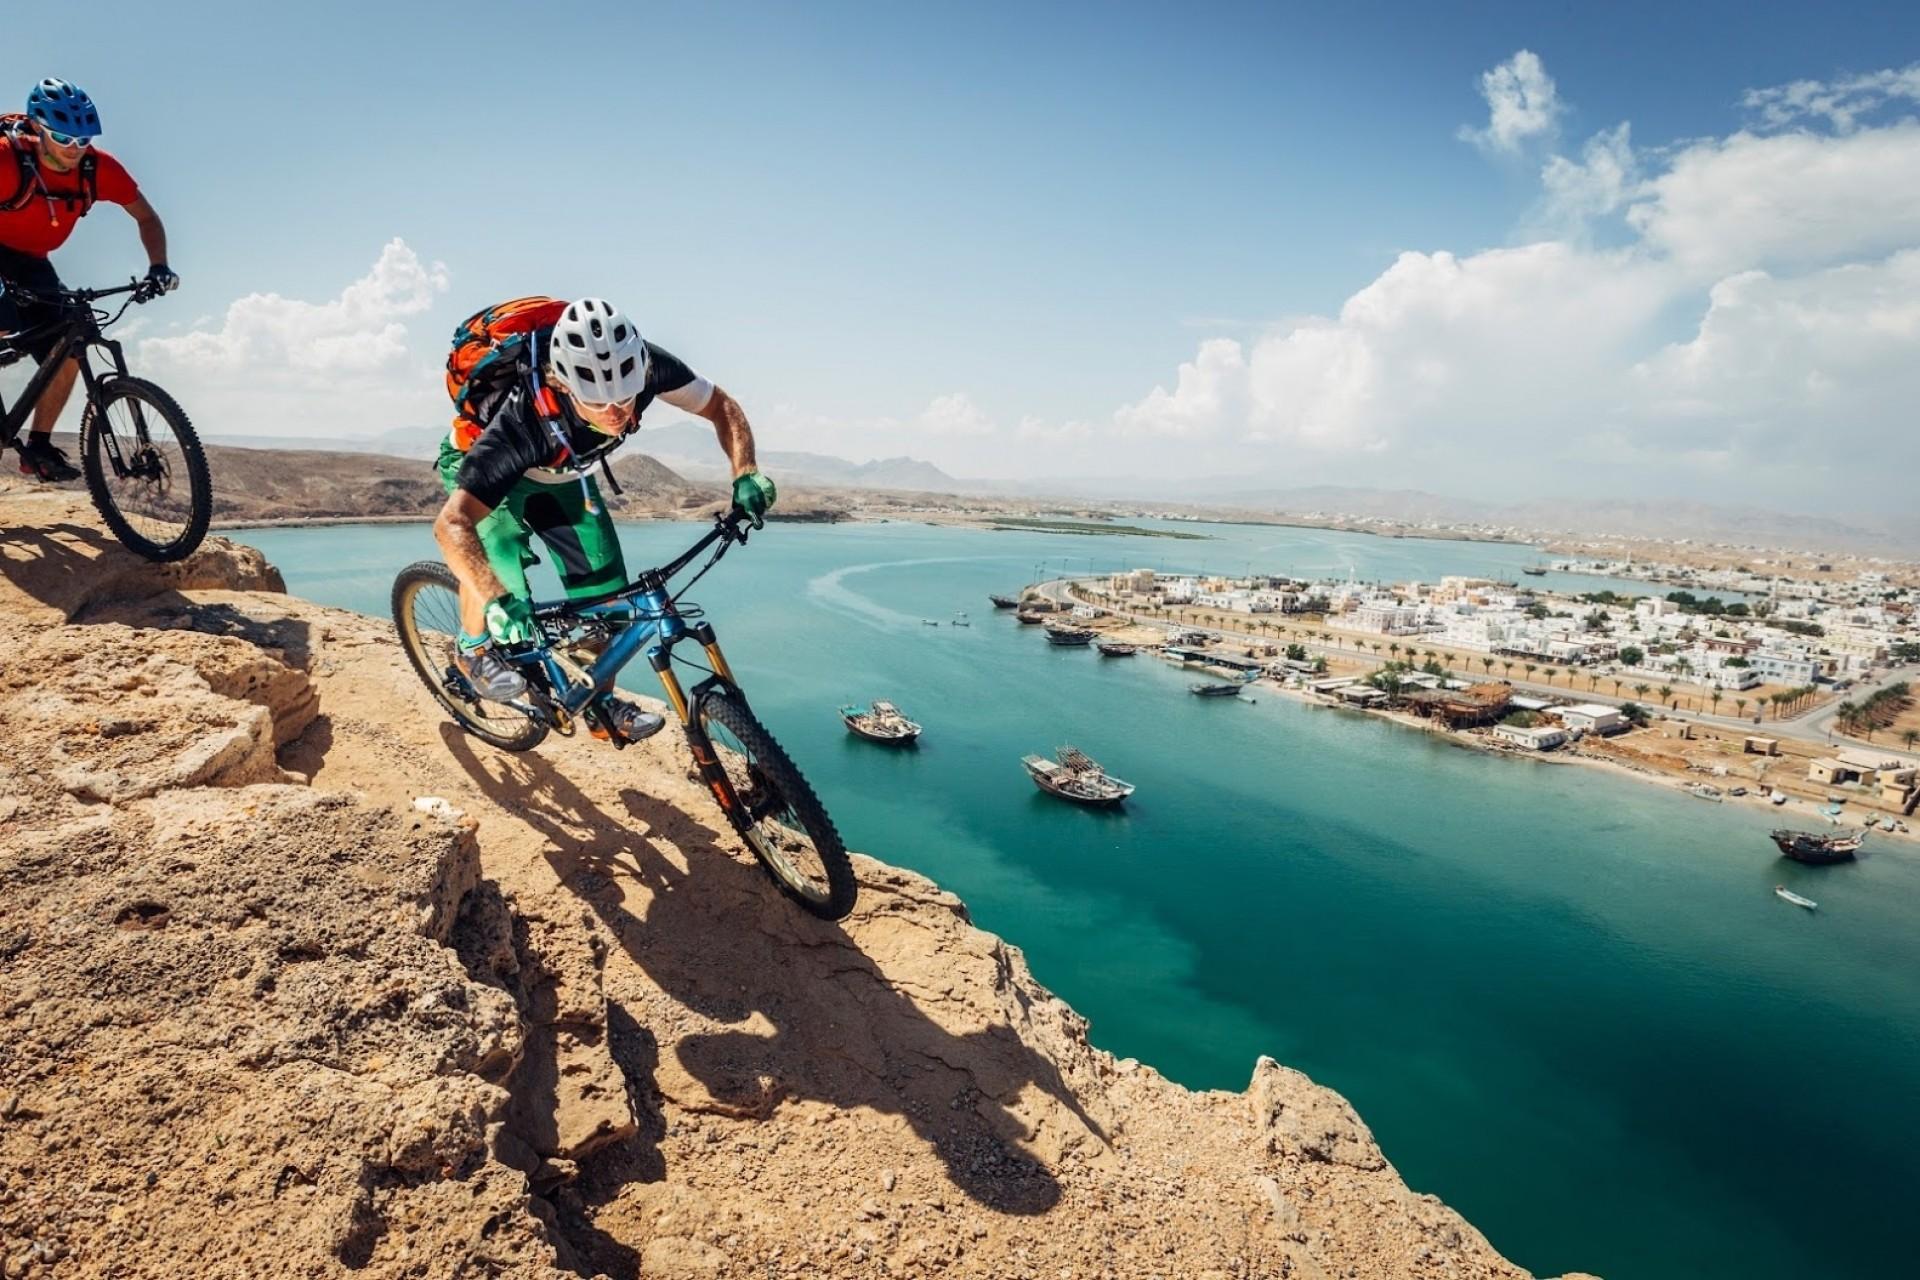 Martin Bissig, Mountainbike